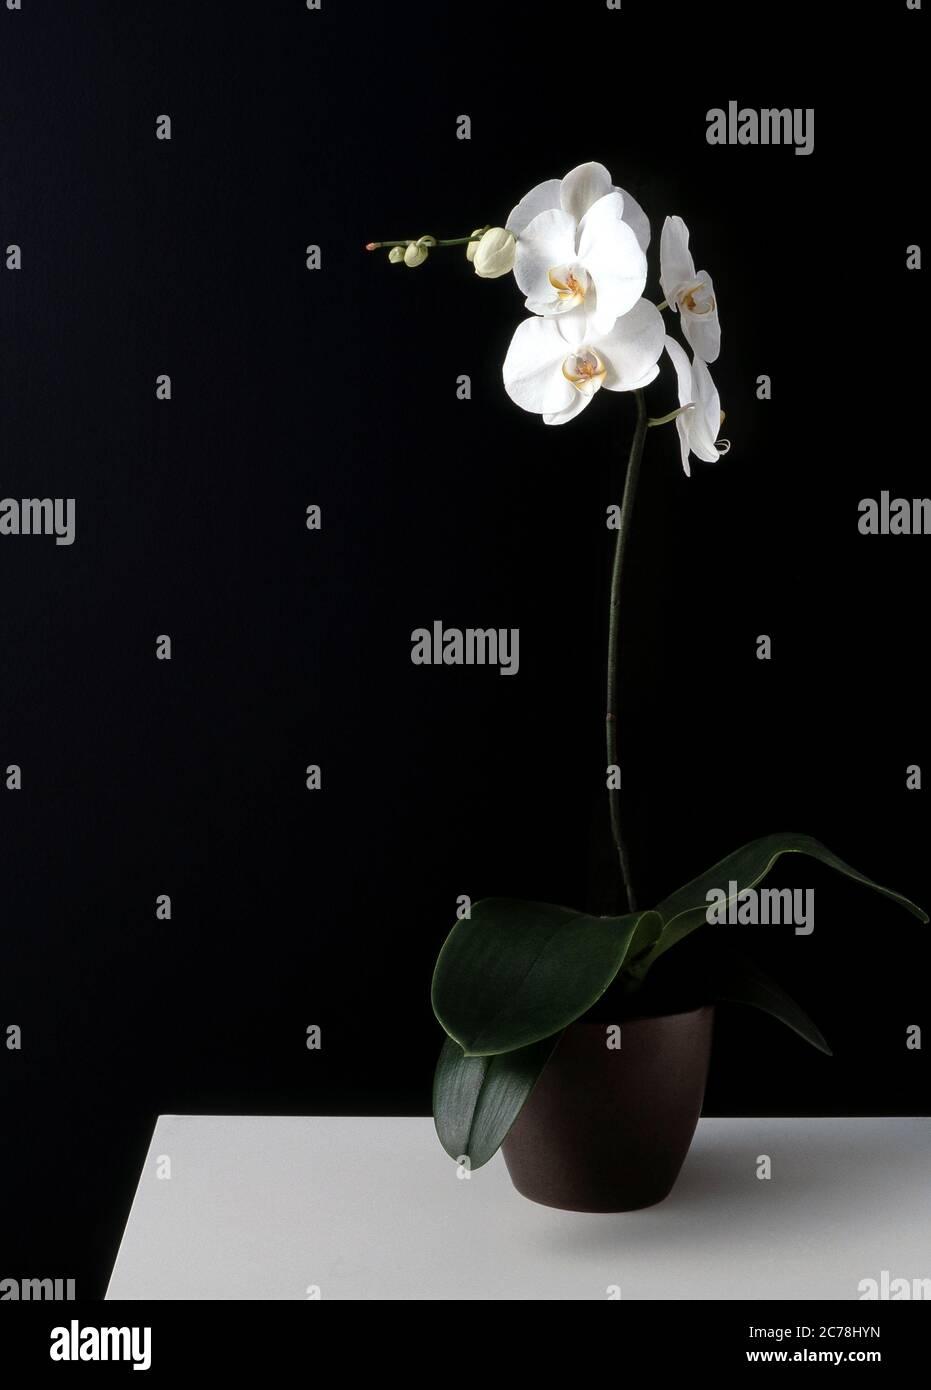 Las Orchidaceae son una familia diversa y extendida de plantas con flores, con flores que a menudo son coloridas y fragantes Foto de stock